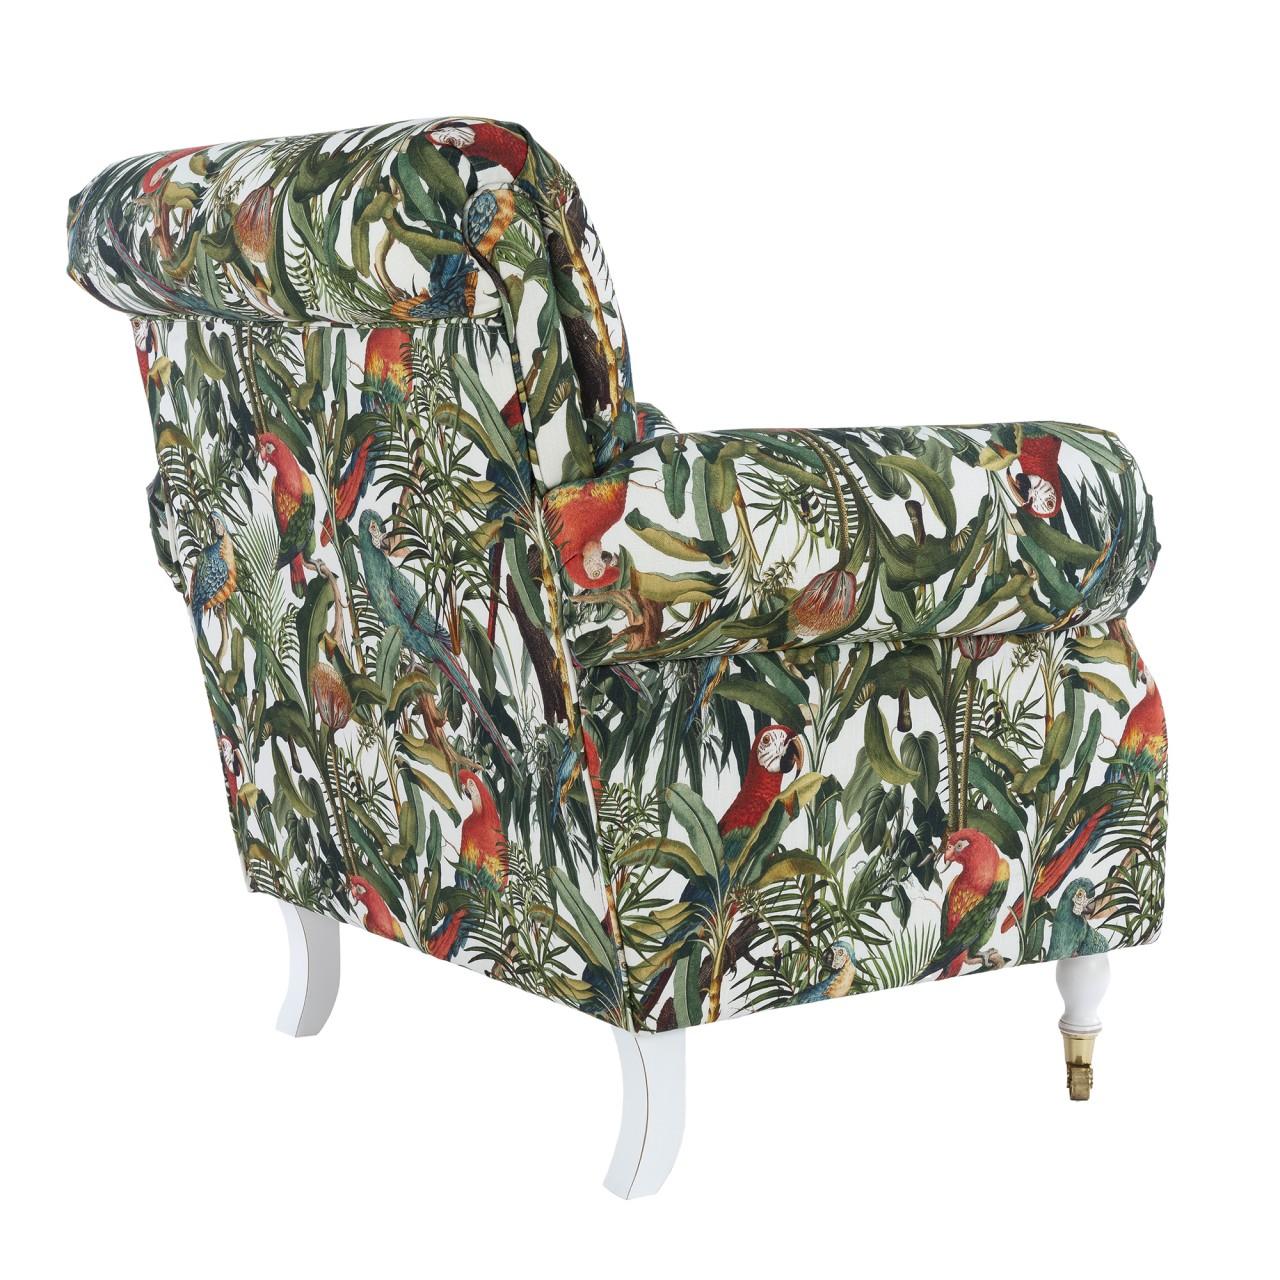 KINGSTON Chair - PARROTS OF BRASIL Linen